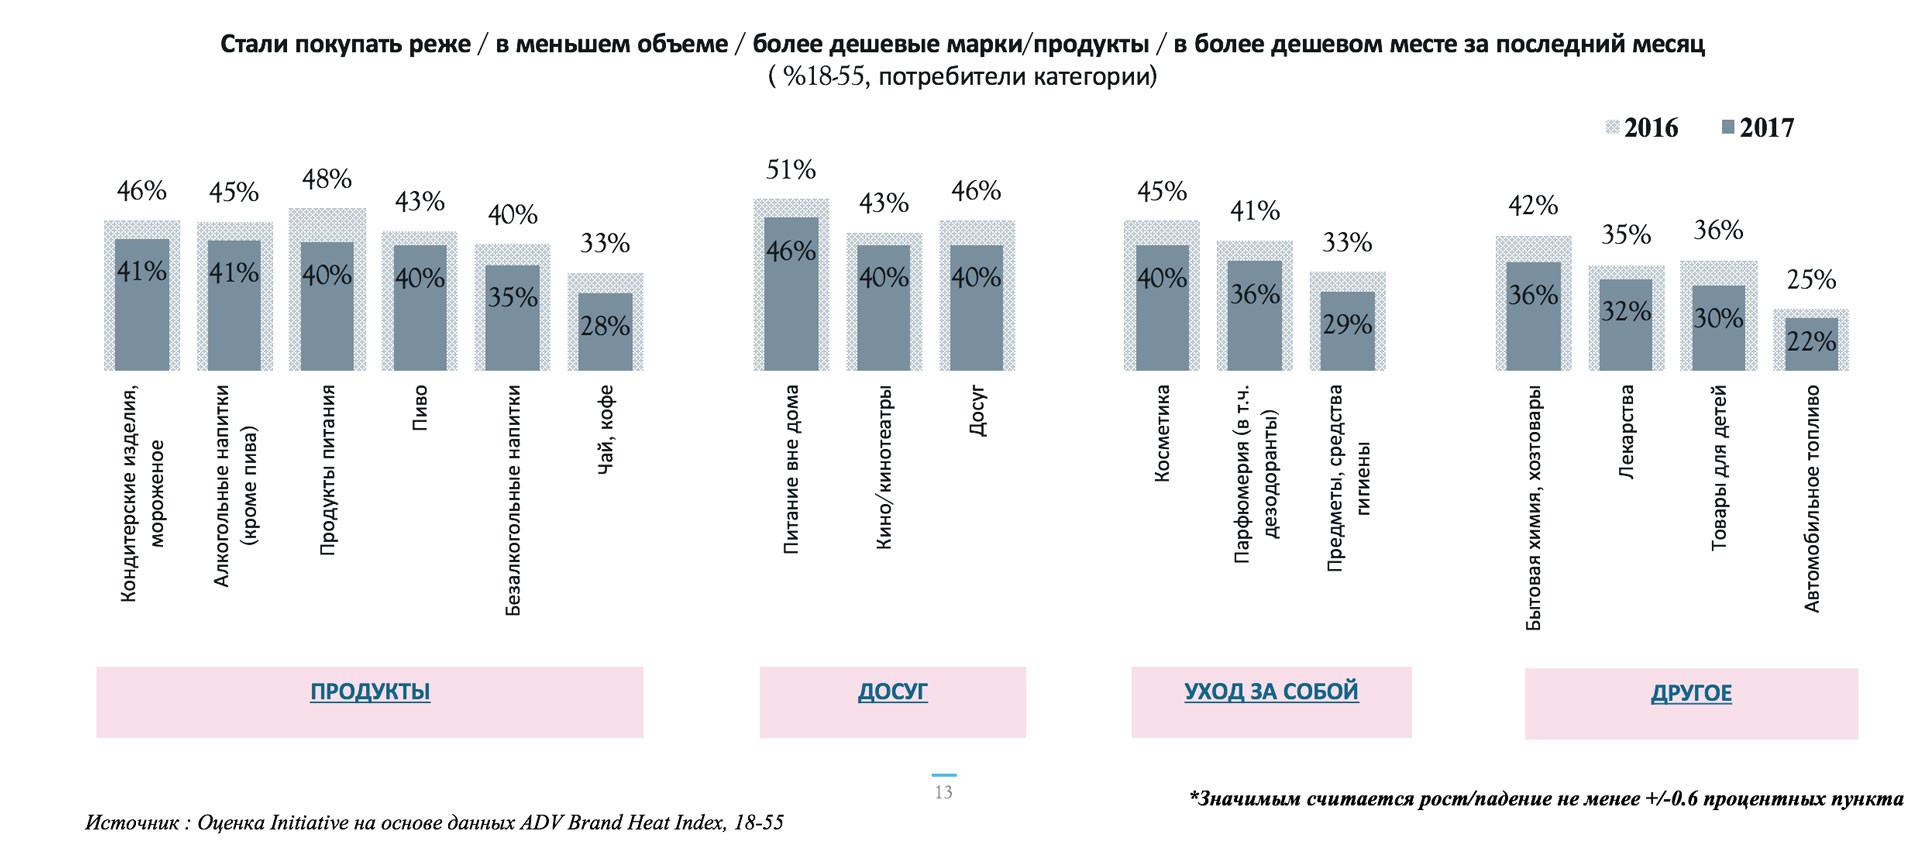 Уровень экономии по товарам повседневного спроса. Источник: оценка Initiative на основе данных ADV Brand Heat Index